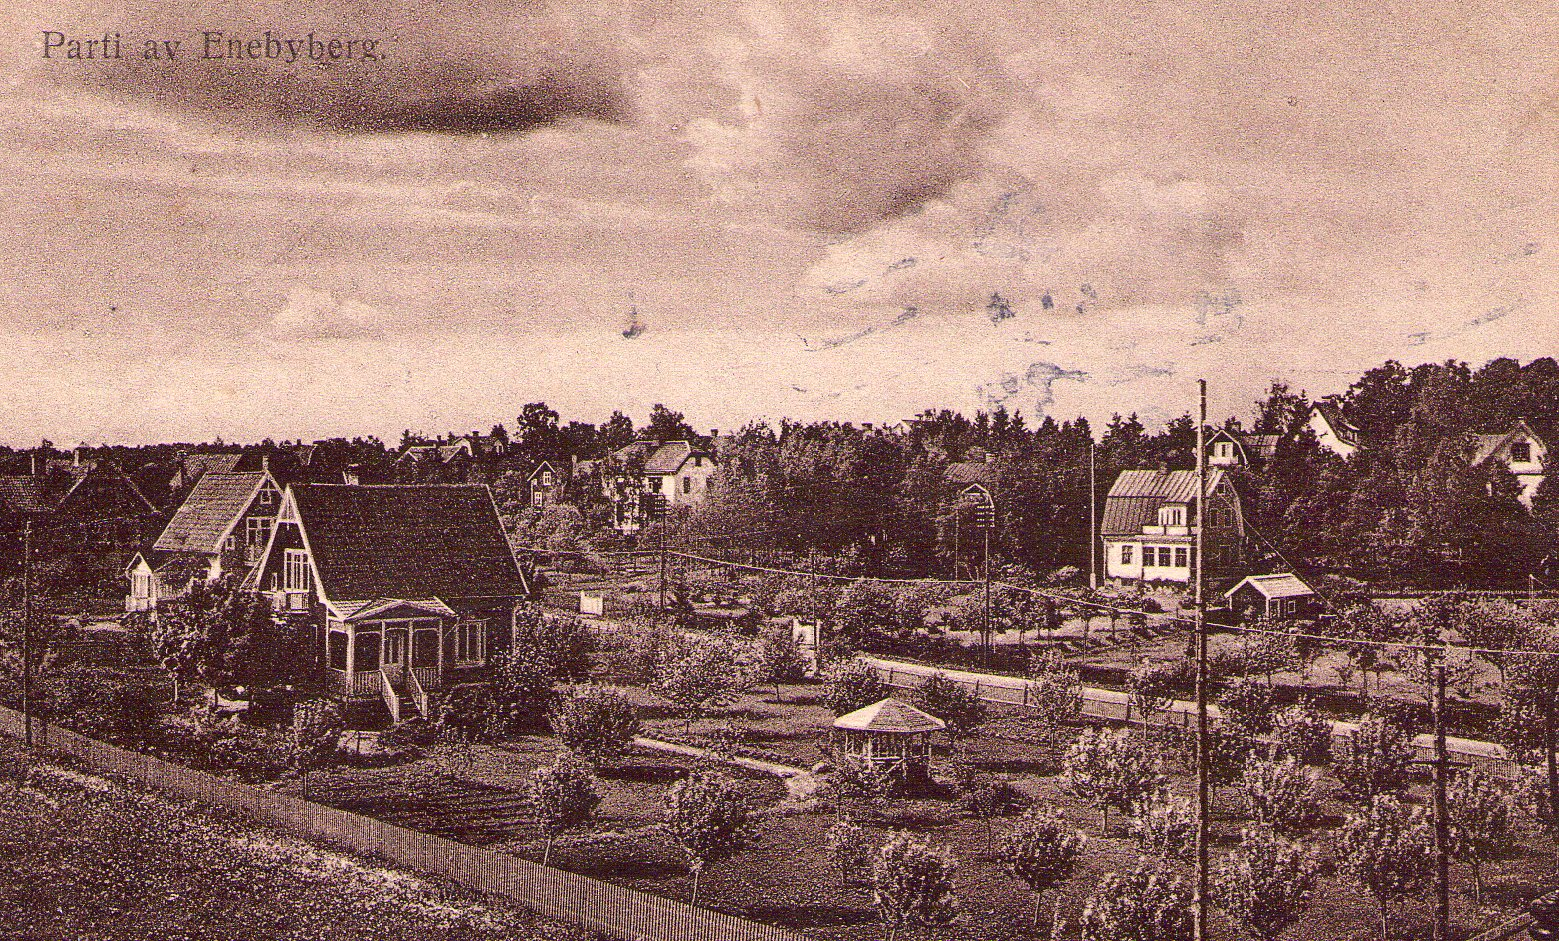 Enebyberg-1924